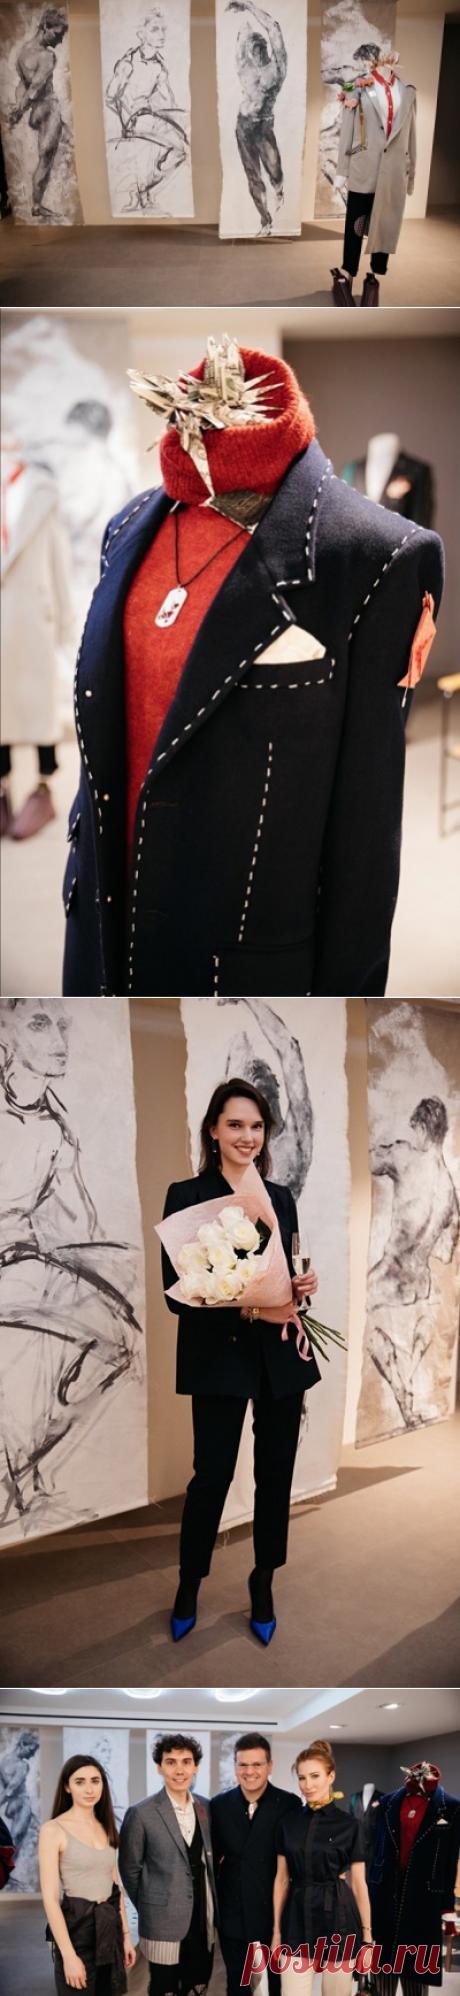 Коллекция состоит из классических предметов базовых цветов (черного, белого, синего, серого, хаки и красного): можно встретить привычные пиджаки, пальто, рубашки и брюки, но в каждой вещи четко прослеживается рука мастера и фирменный почерк дизайнера. Предметы гардероба дополнены «инфантильными» деталями и необычными яркими акцентами: цветными вставками на коленях, раскрашенными вручную воротниками, контрастными строчками и подкладками. «Яркие цвета всегда прекрасны — смело экспериментируйте и м